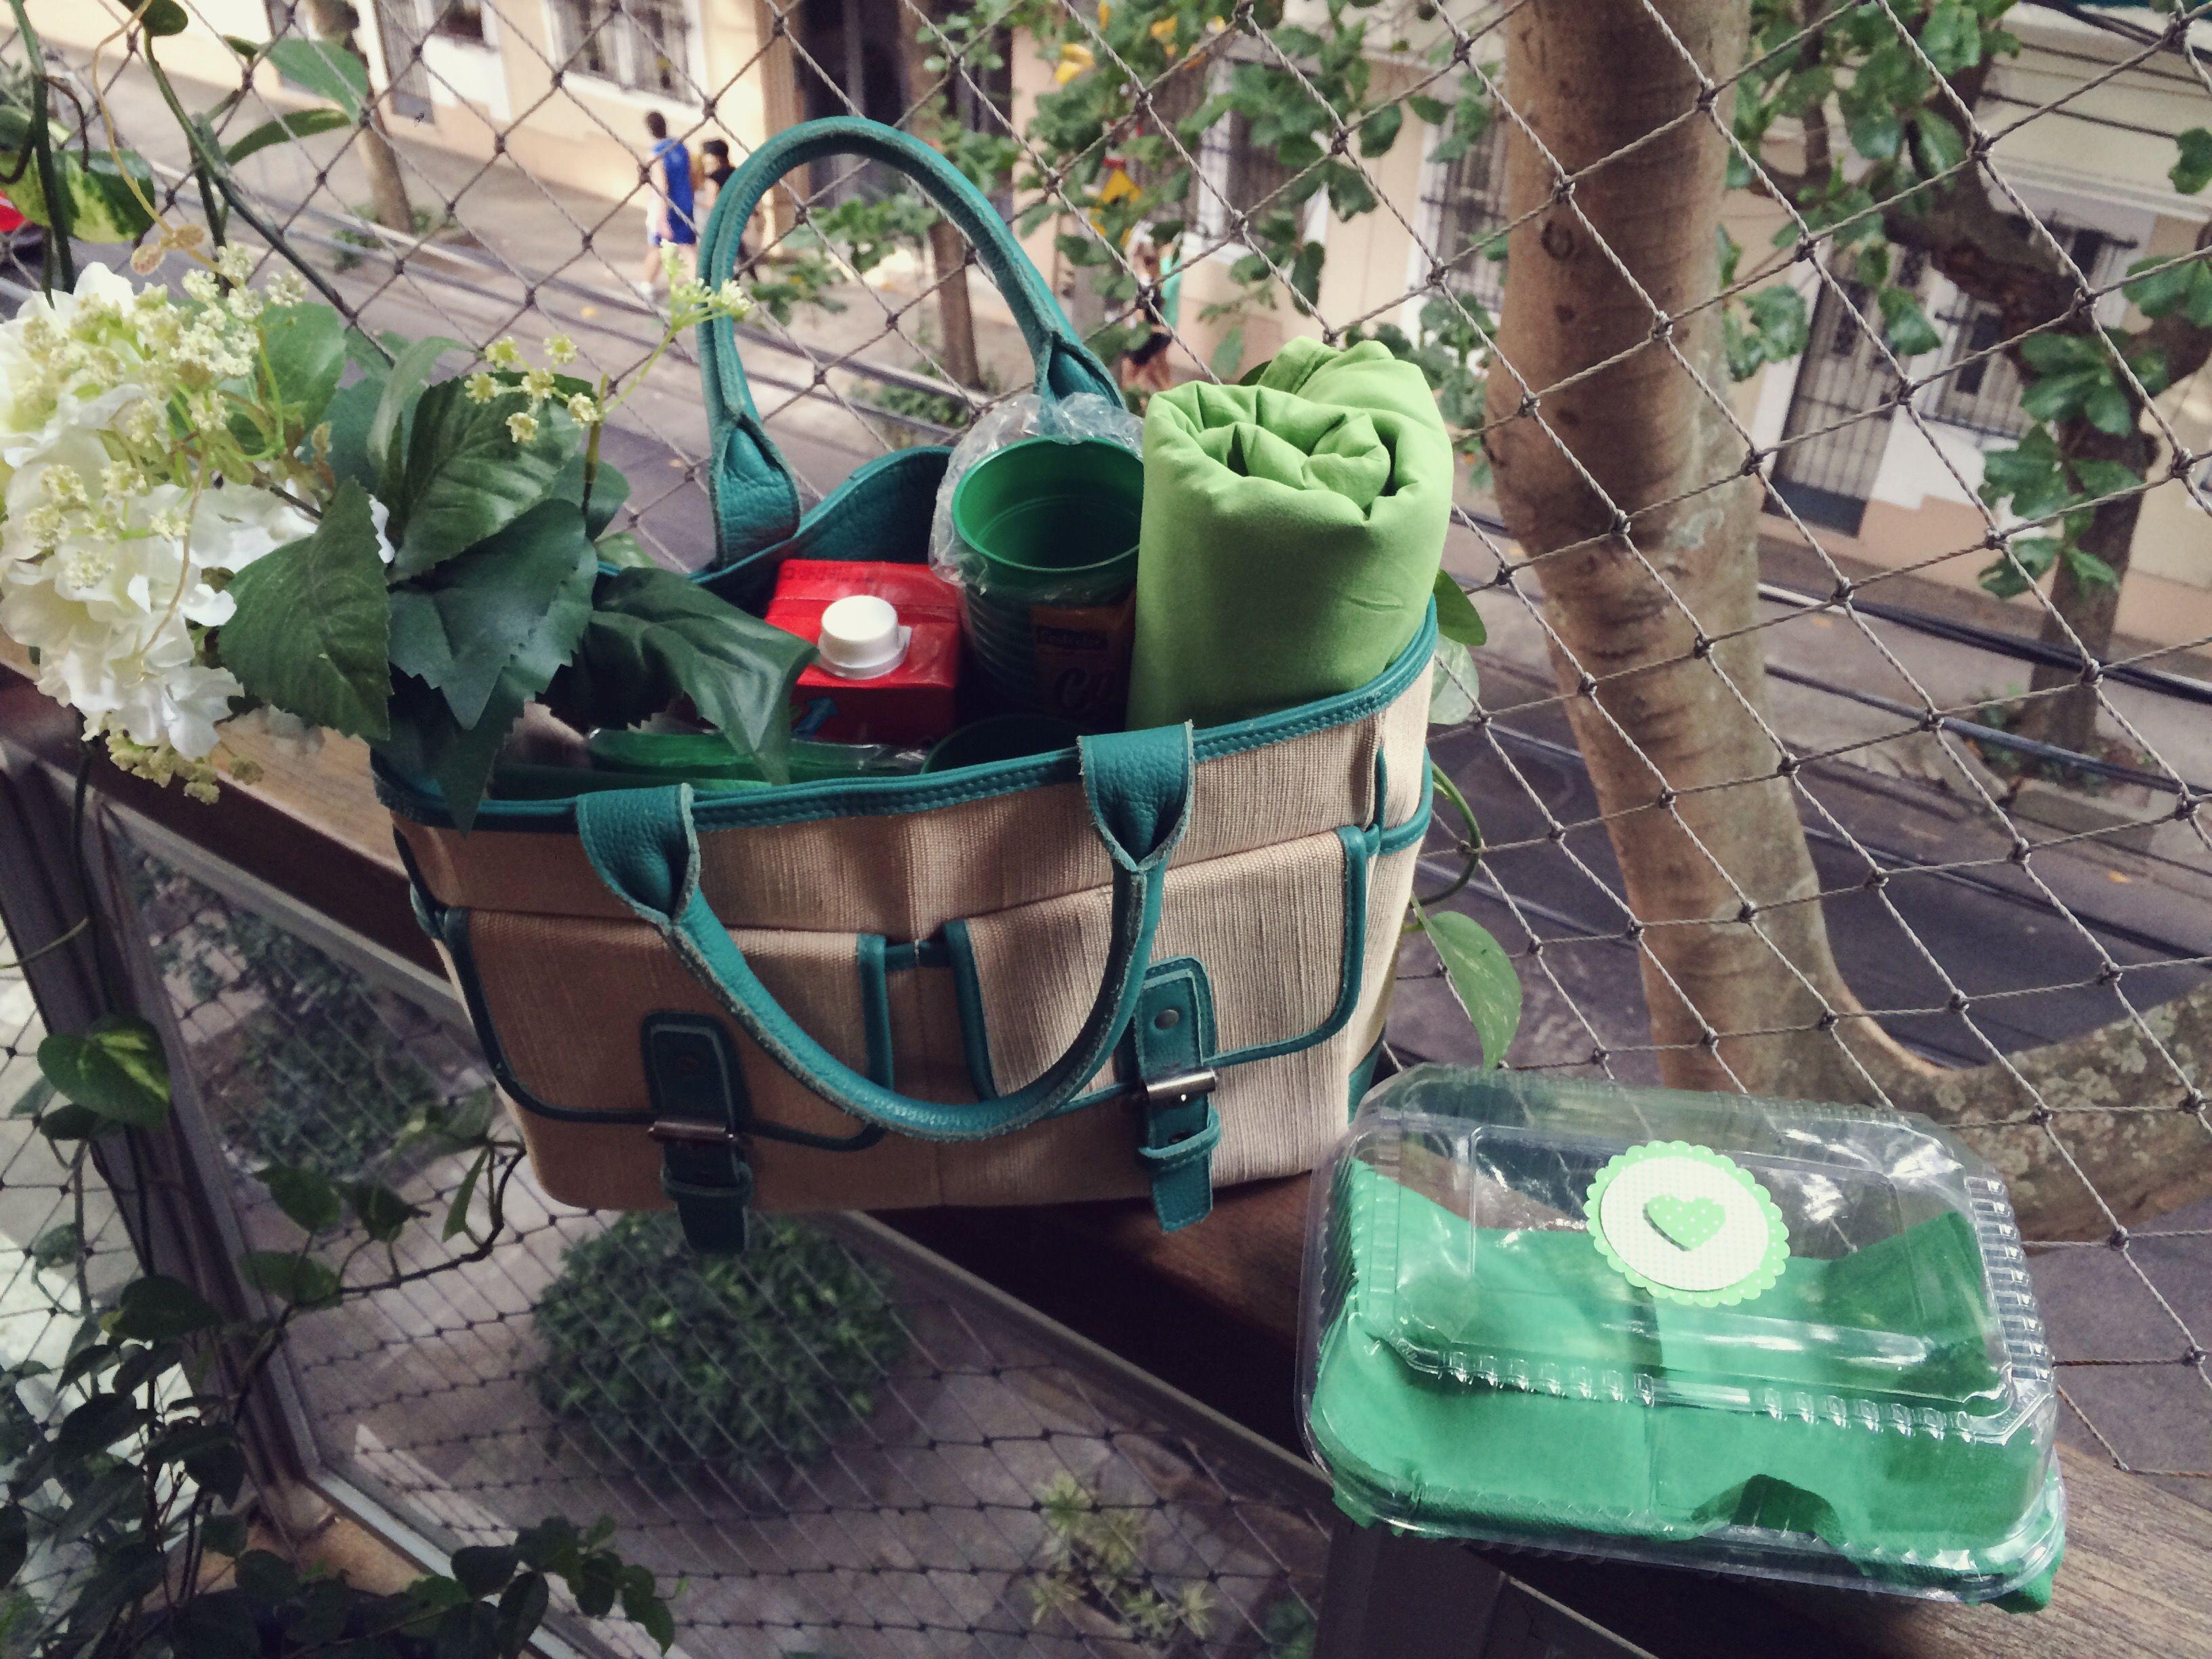 Amanhã é dia de piquenique. Como eu não tenho uma cesta  (meu aniversário tá chegando, se liga! ) rs , improvisei com uma bolsa antiga da Maria Bonita. Nela, vai dar pra carregar a bebida, a toalha , os copos e os pratos.